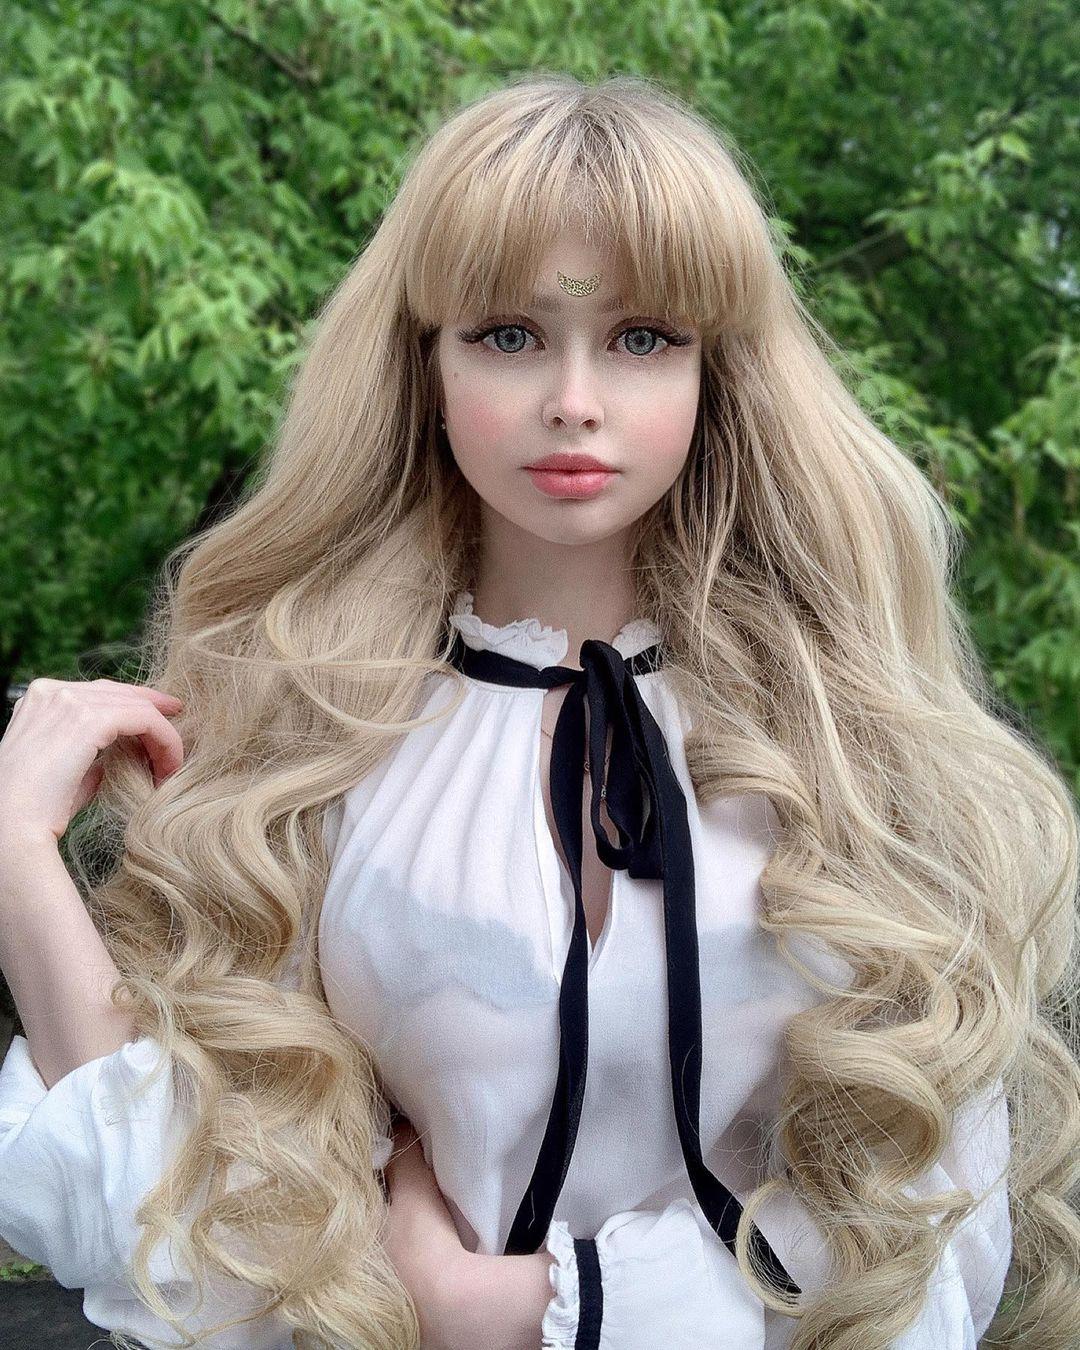 Angelica Kenova (Анжелика Кенова) - Русская Барби с милым личиком 7